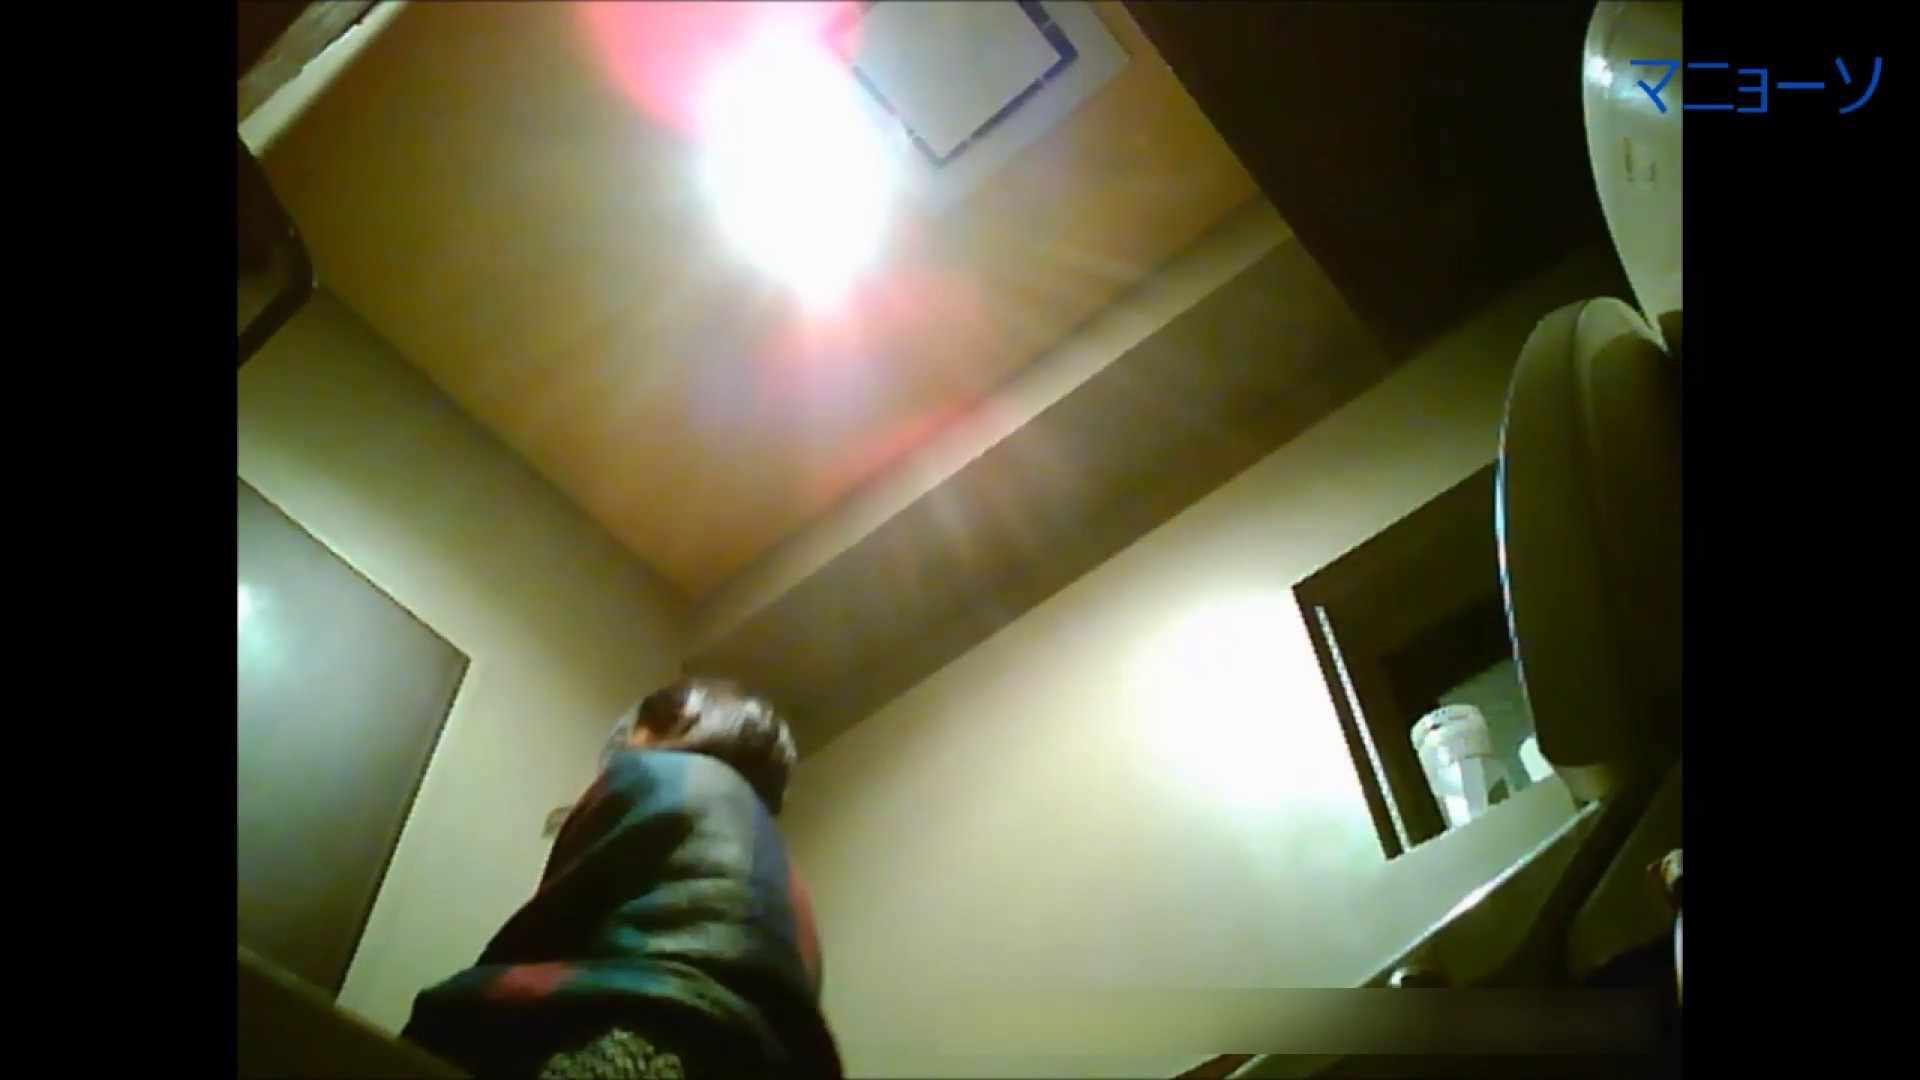 トイレでひと肌脱いでもらいました (JD編)Vol.01 OL  93pic 45